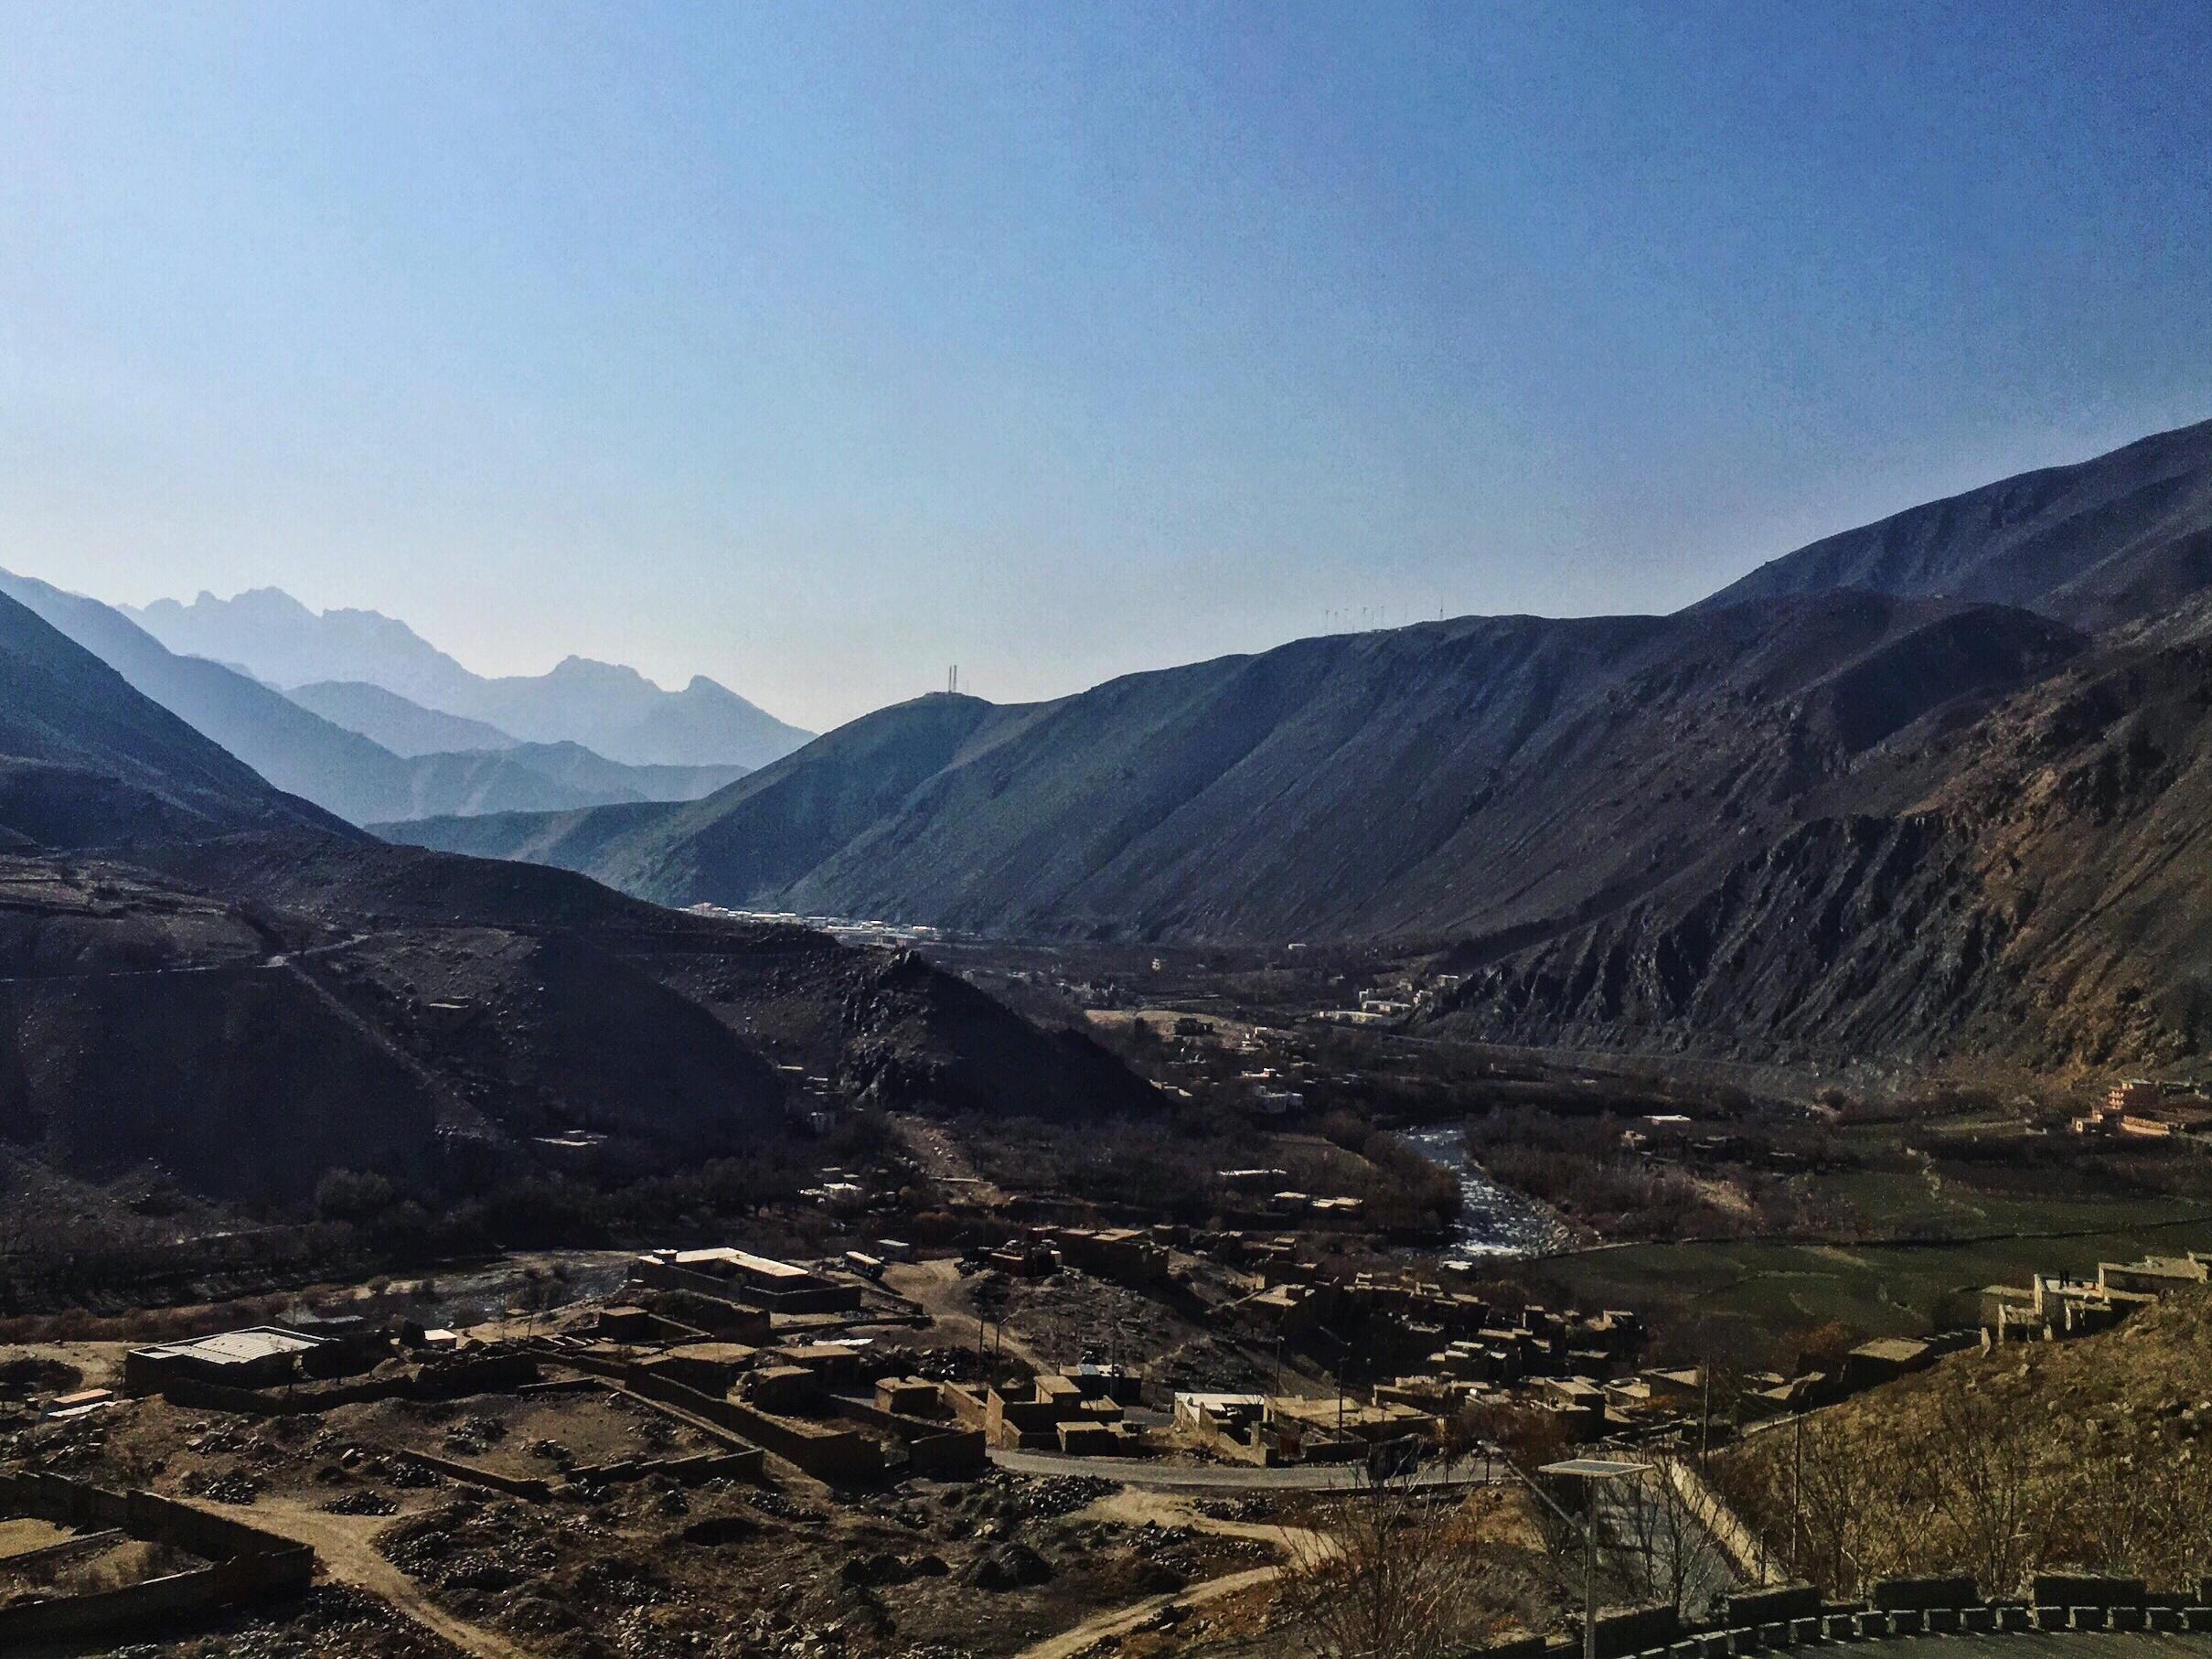 Panjshir Province, Afghanistan